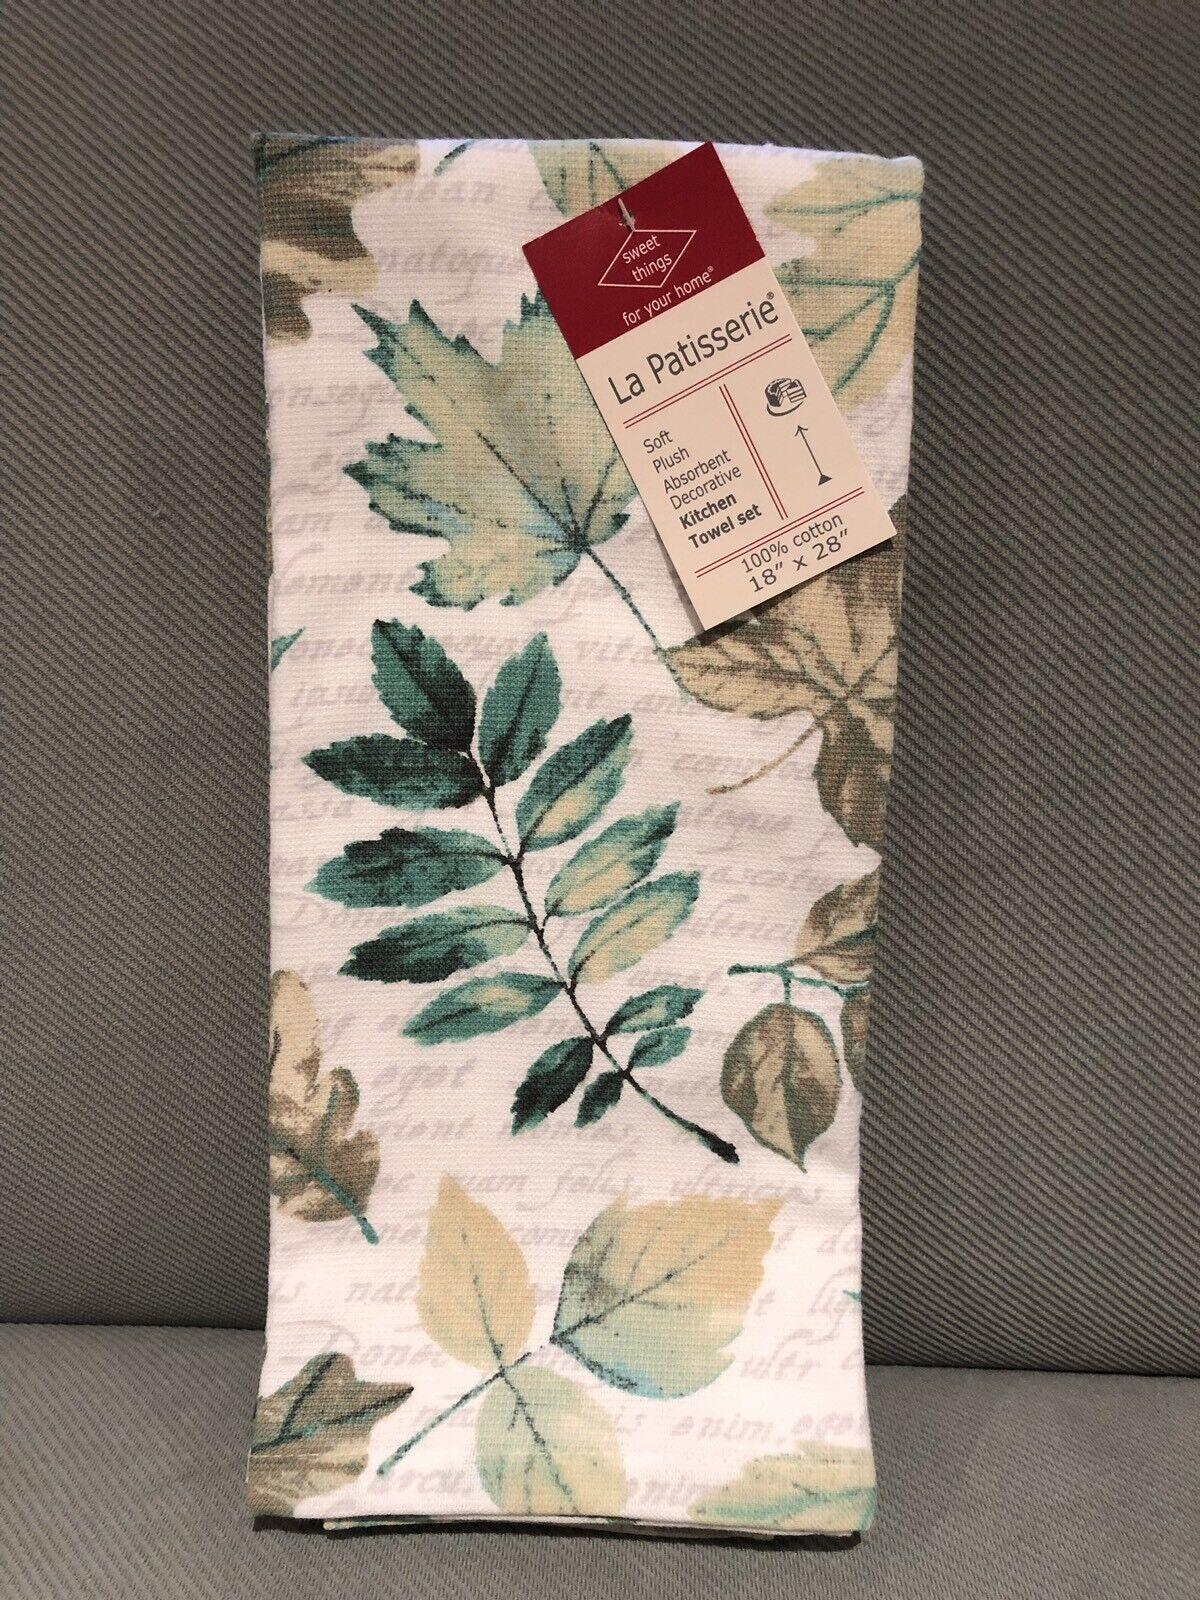 Kitchen Dish Towels Cotton Towel New Set Of 2 La Patisserie Lemon Towels Dishcloths Home Garden